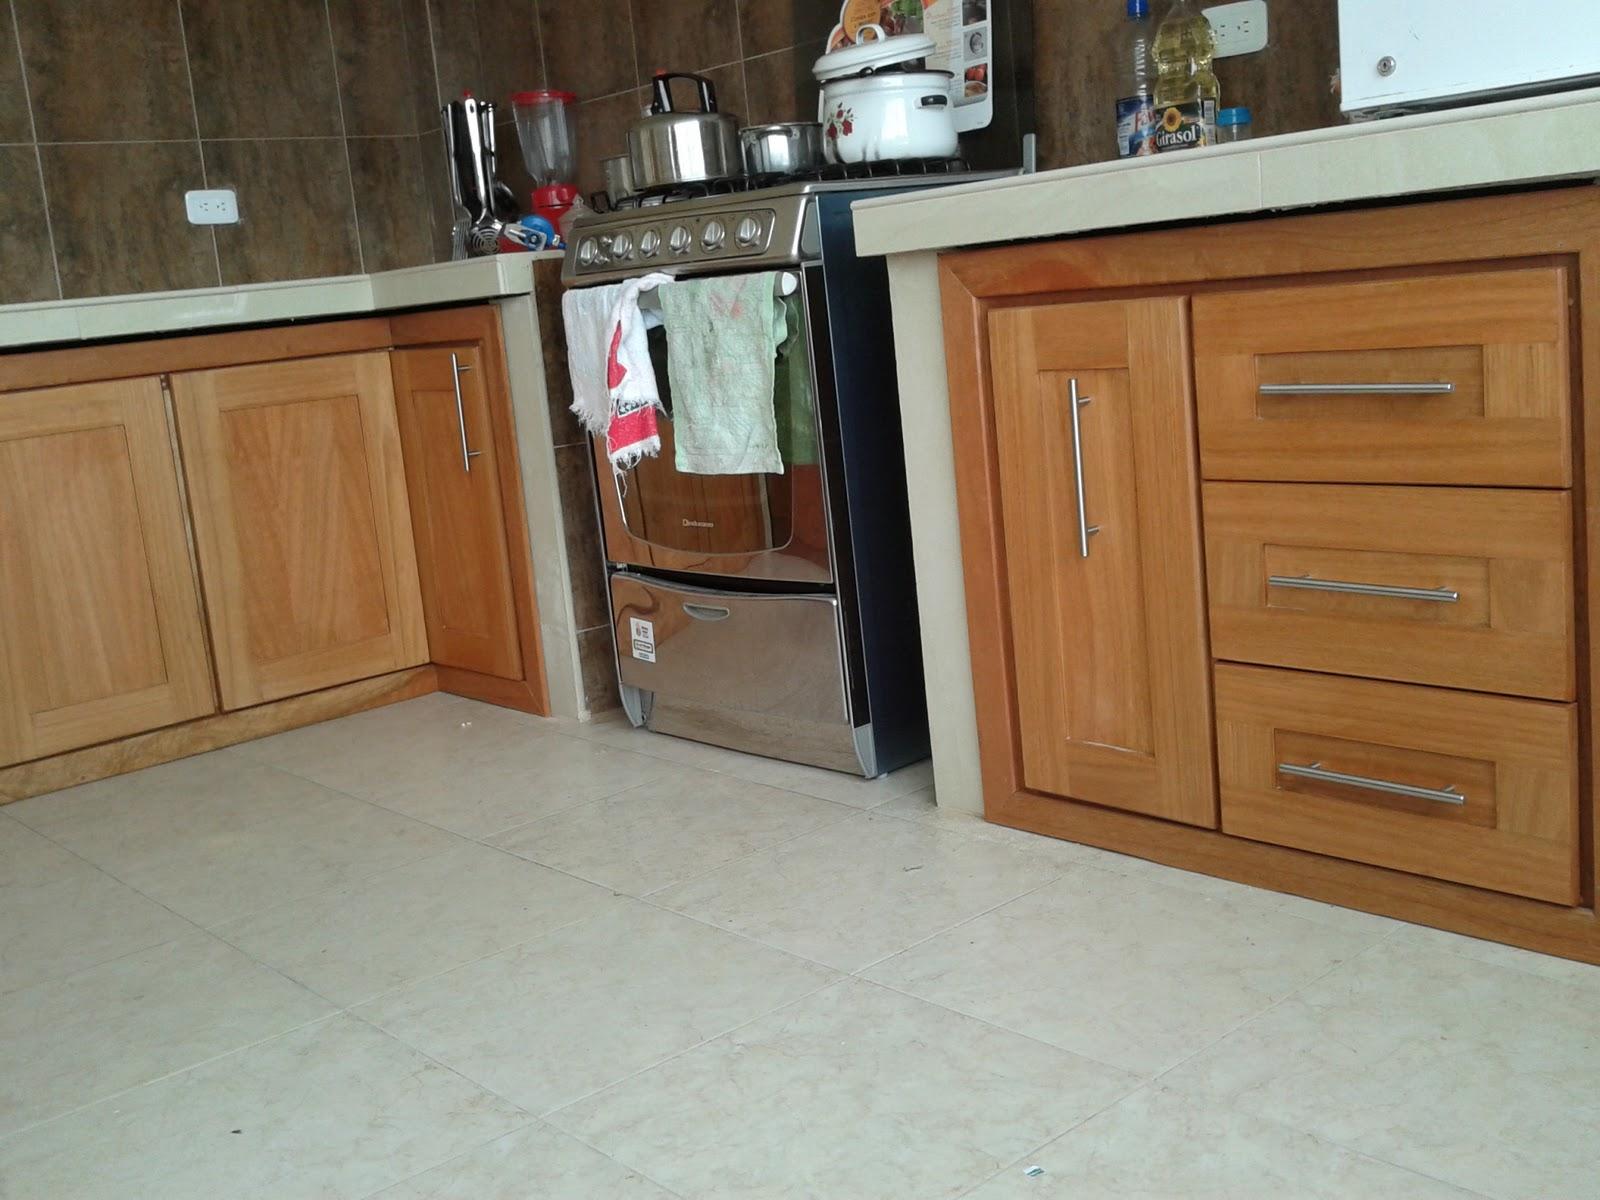 Muebles y decoraci n muebles de cocina para departamentos - Muebles de cocina modulares ...